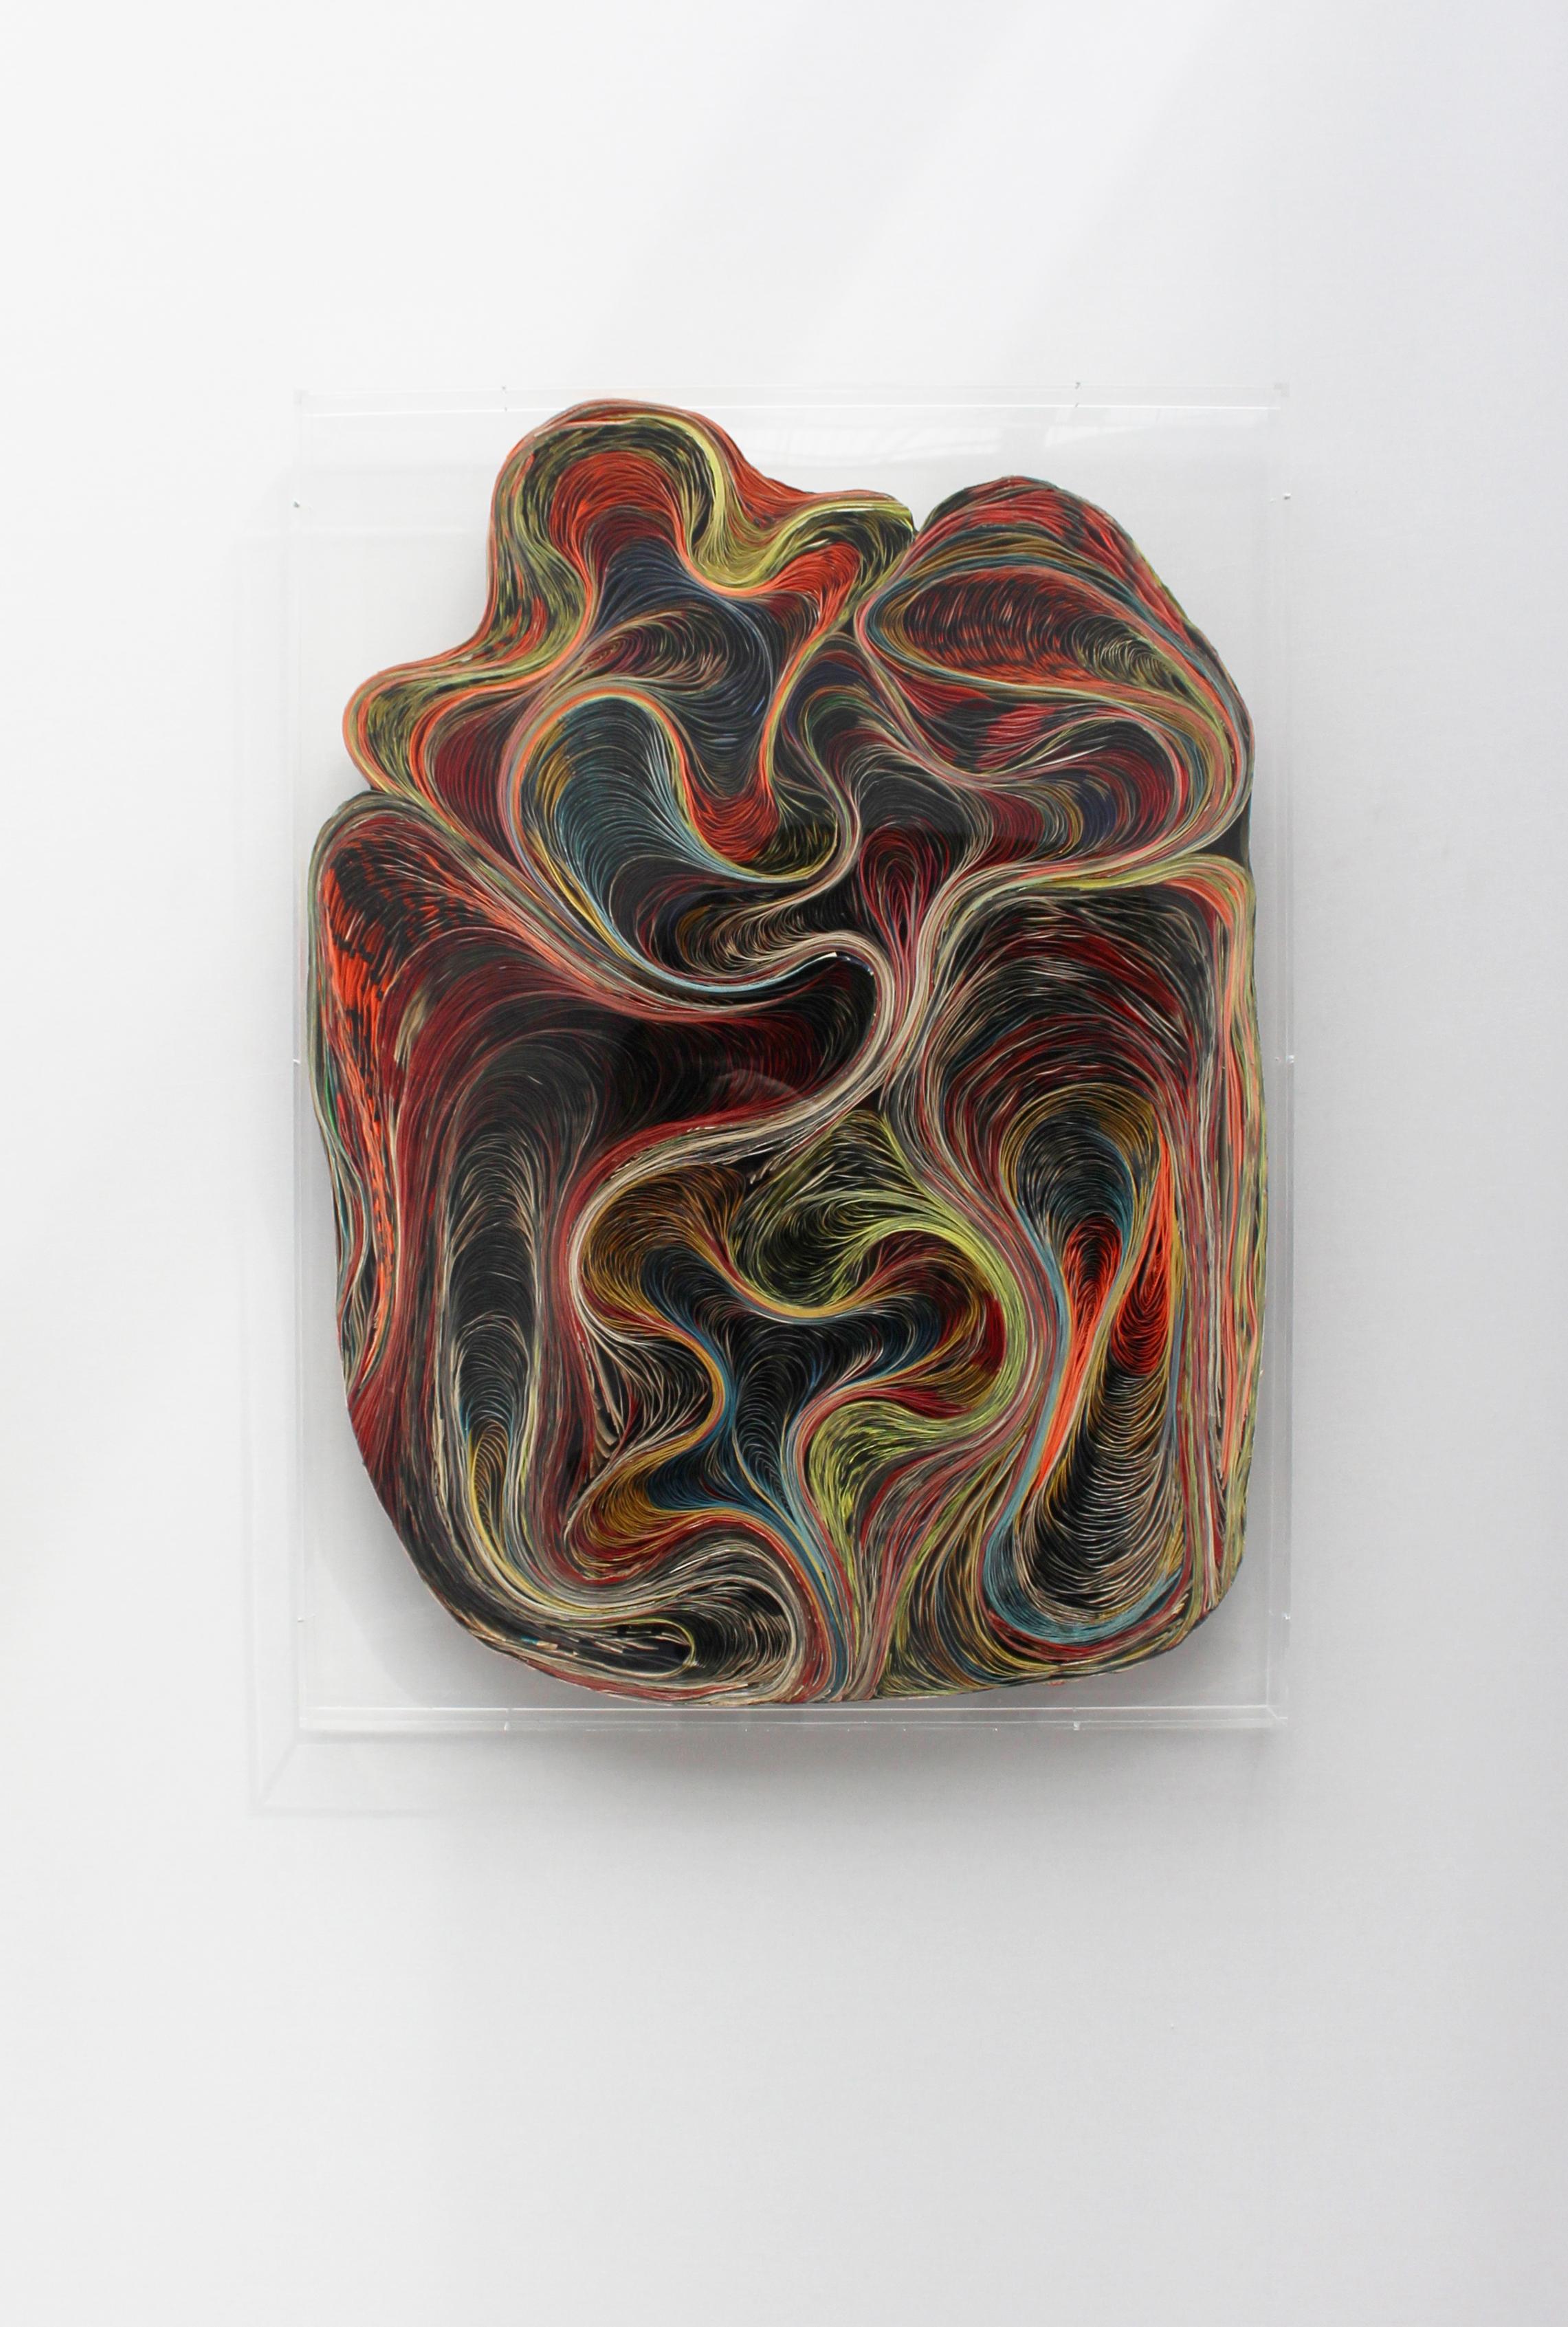 BAROQUE V - Pavlos Dionyssopoulos (1966) - Lés de papier massicotés collés sur un fond en bois. Encadrement sous Plexiglas. ©Galerie Sobering Photographie (Cécile Gremillet).